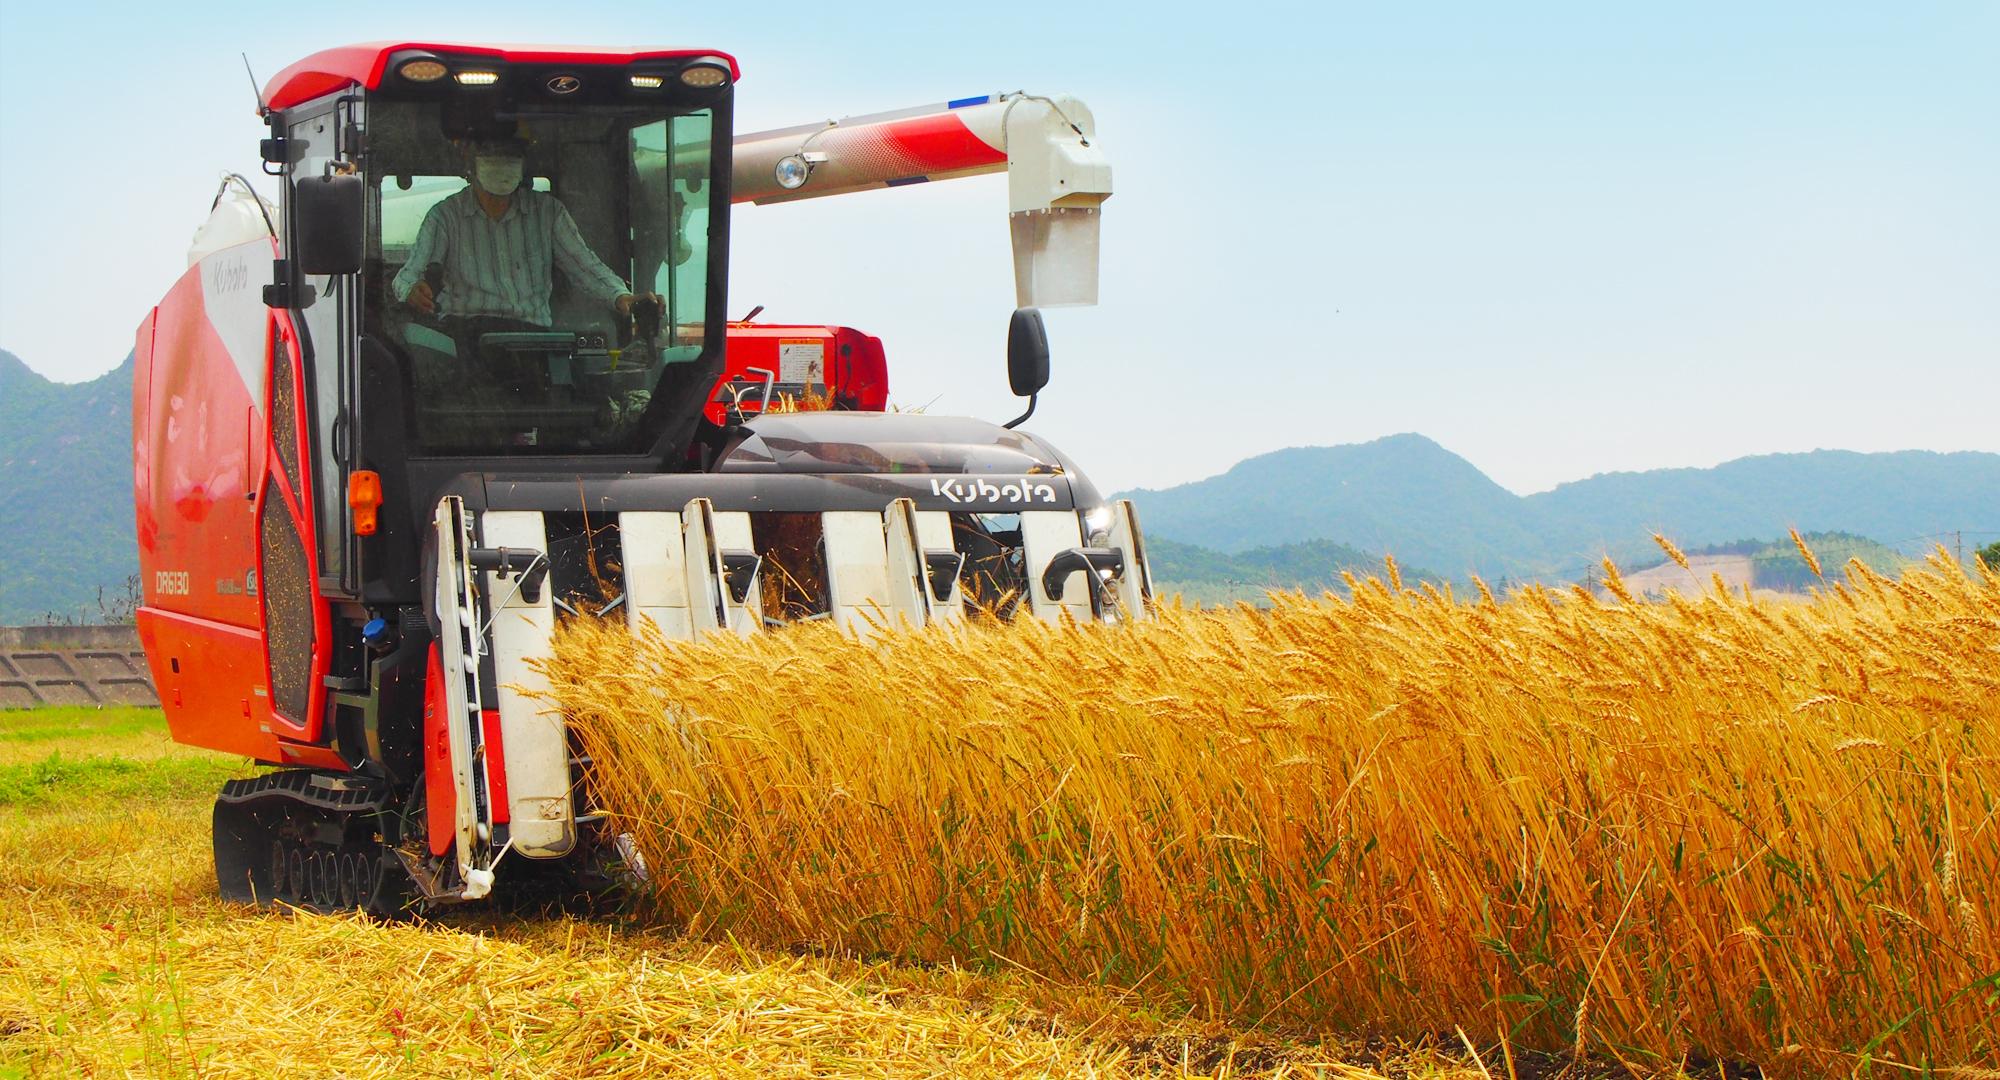 担い手を育て支援する取組みや、農地中間管理機構の事業を活用し、担い手経営体への農地集積を進めています。